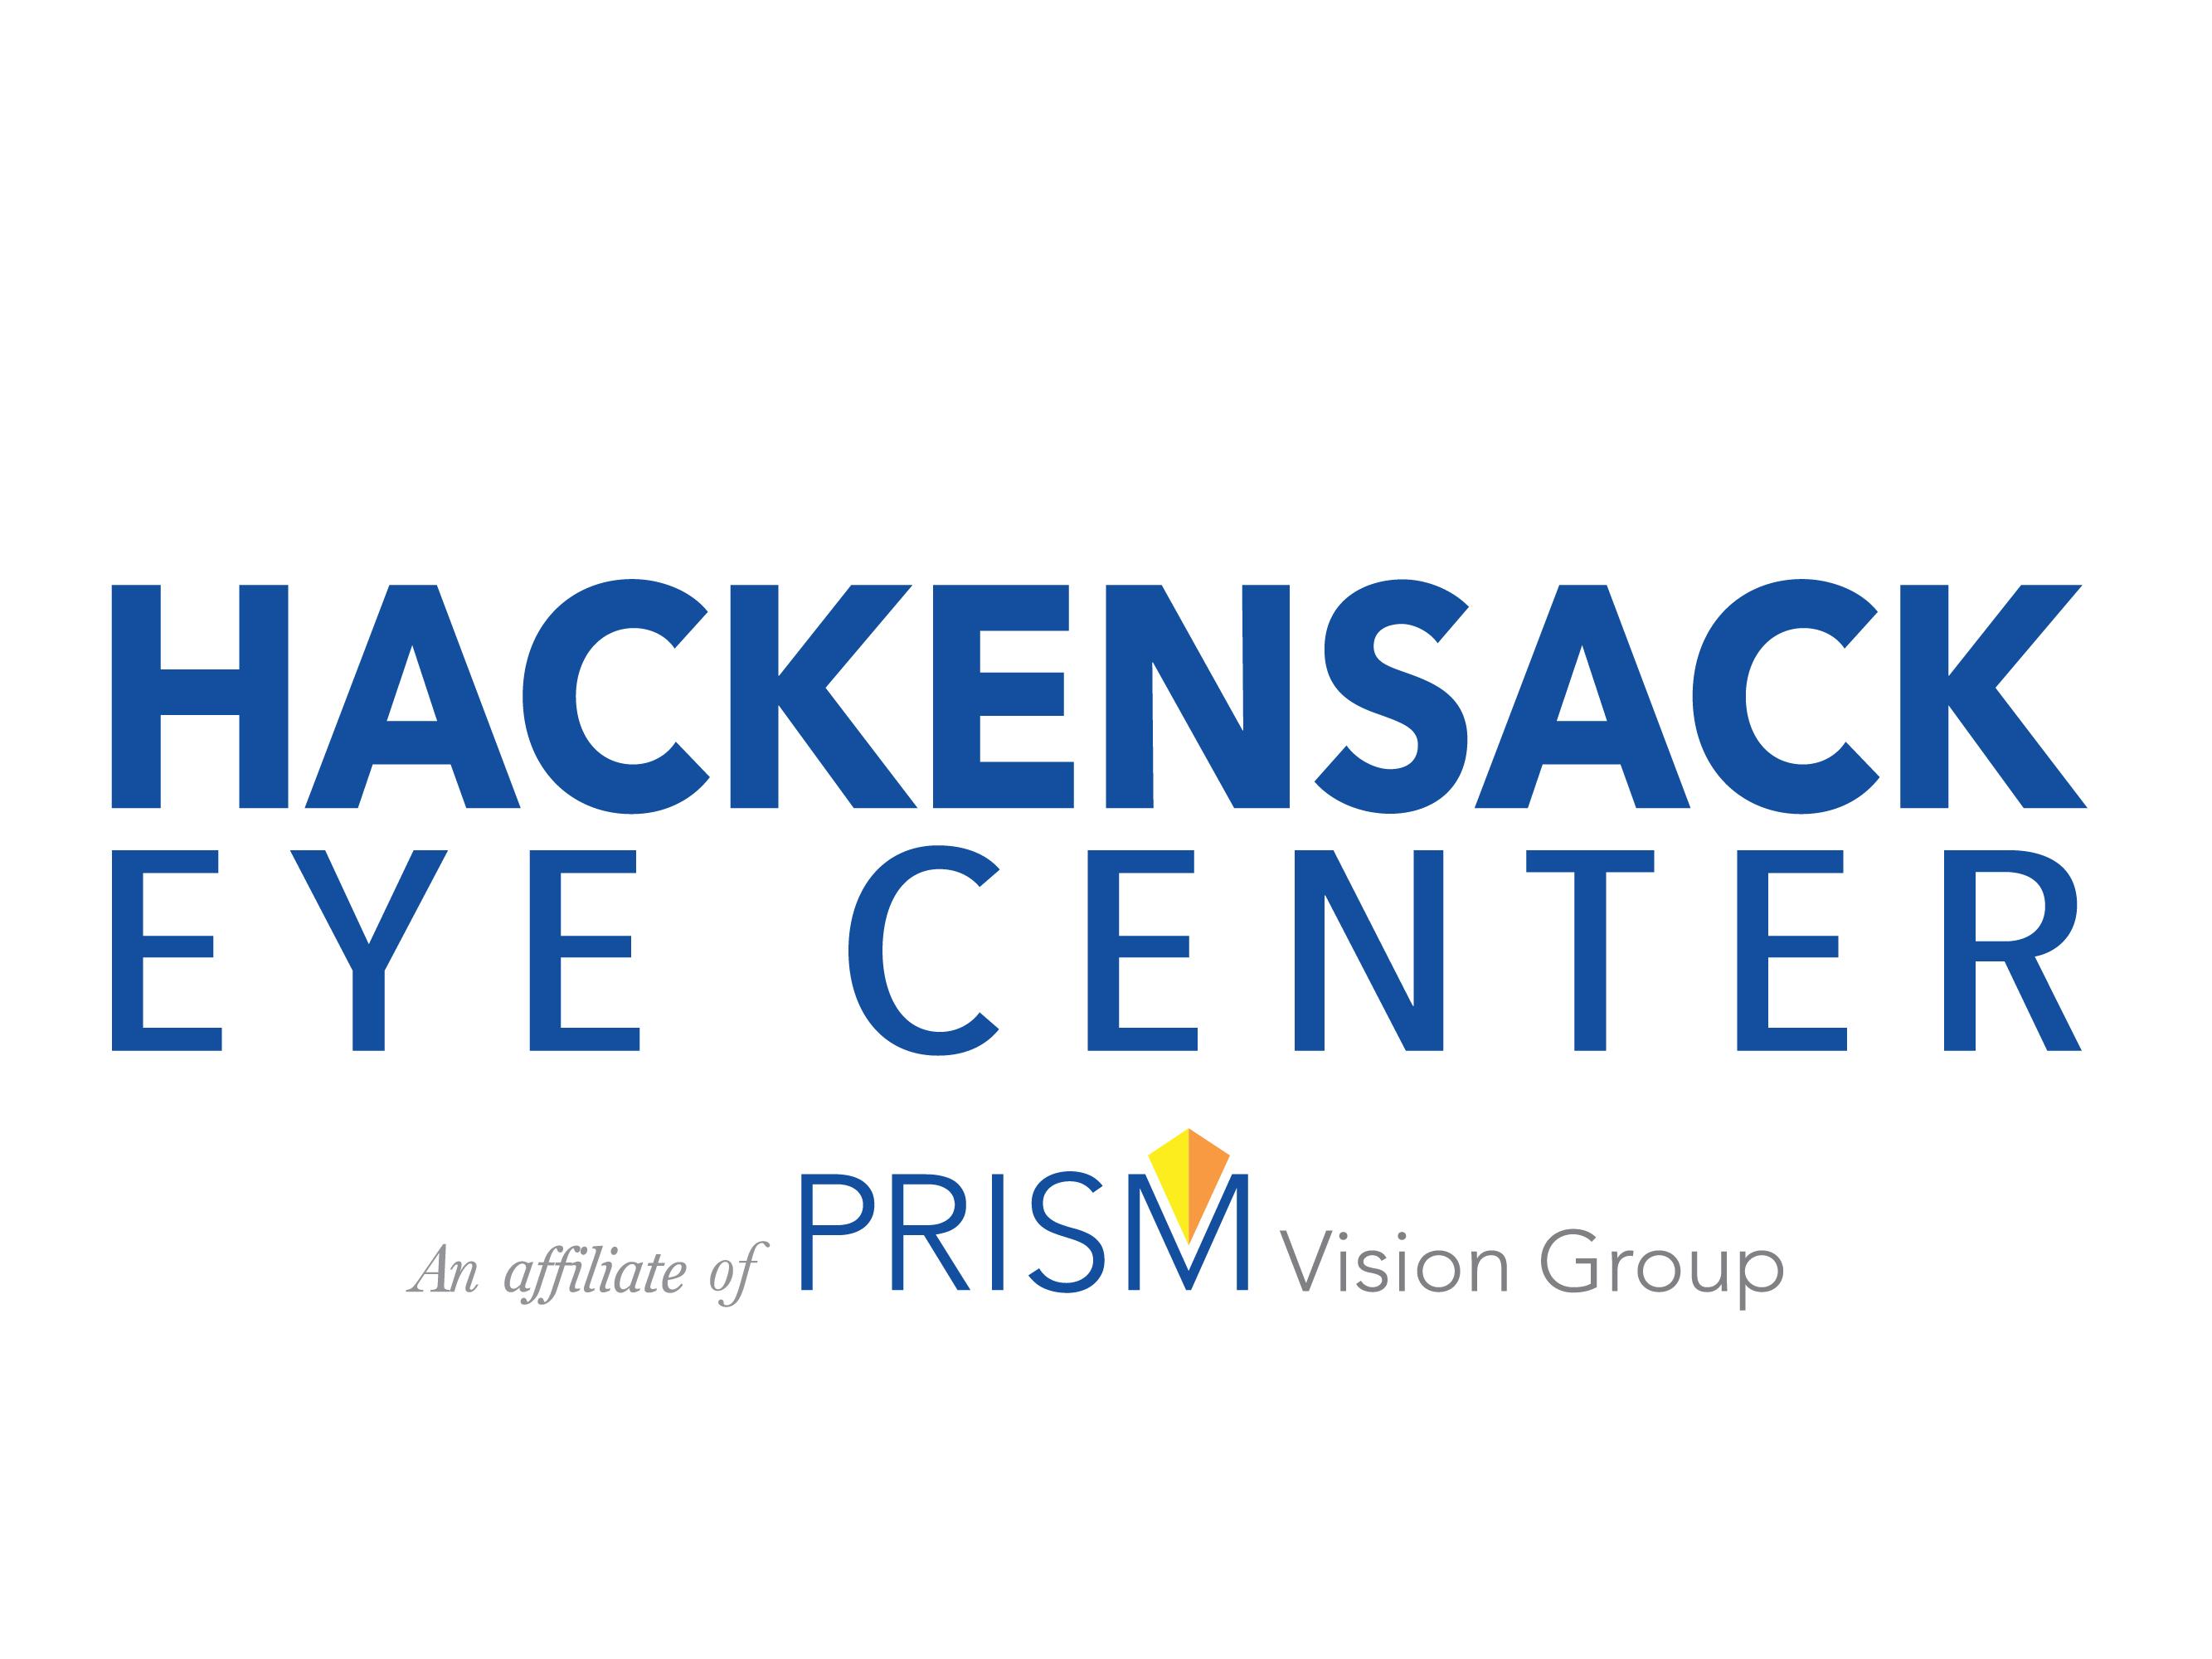 Hackensack Eye Center logo